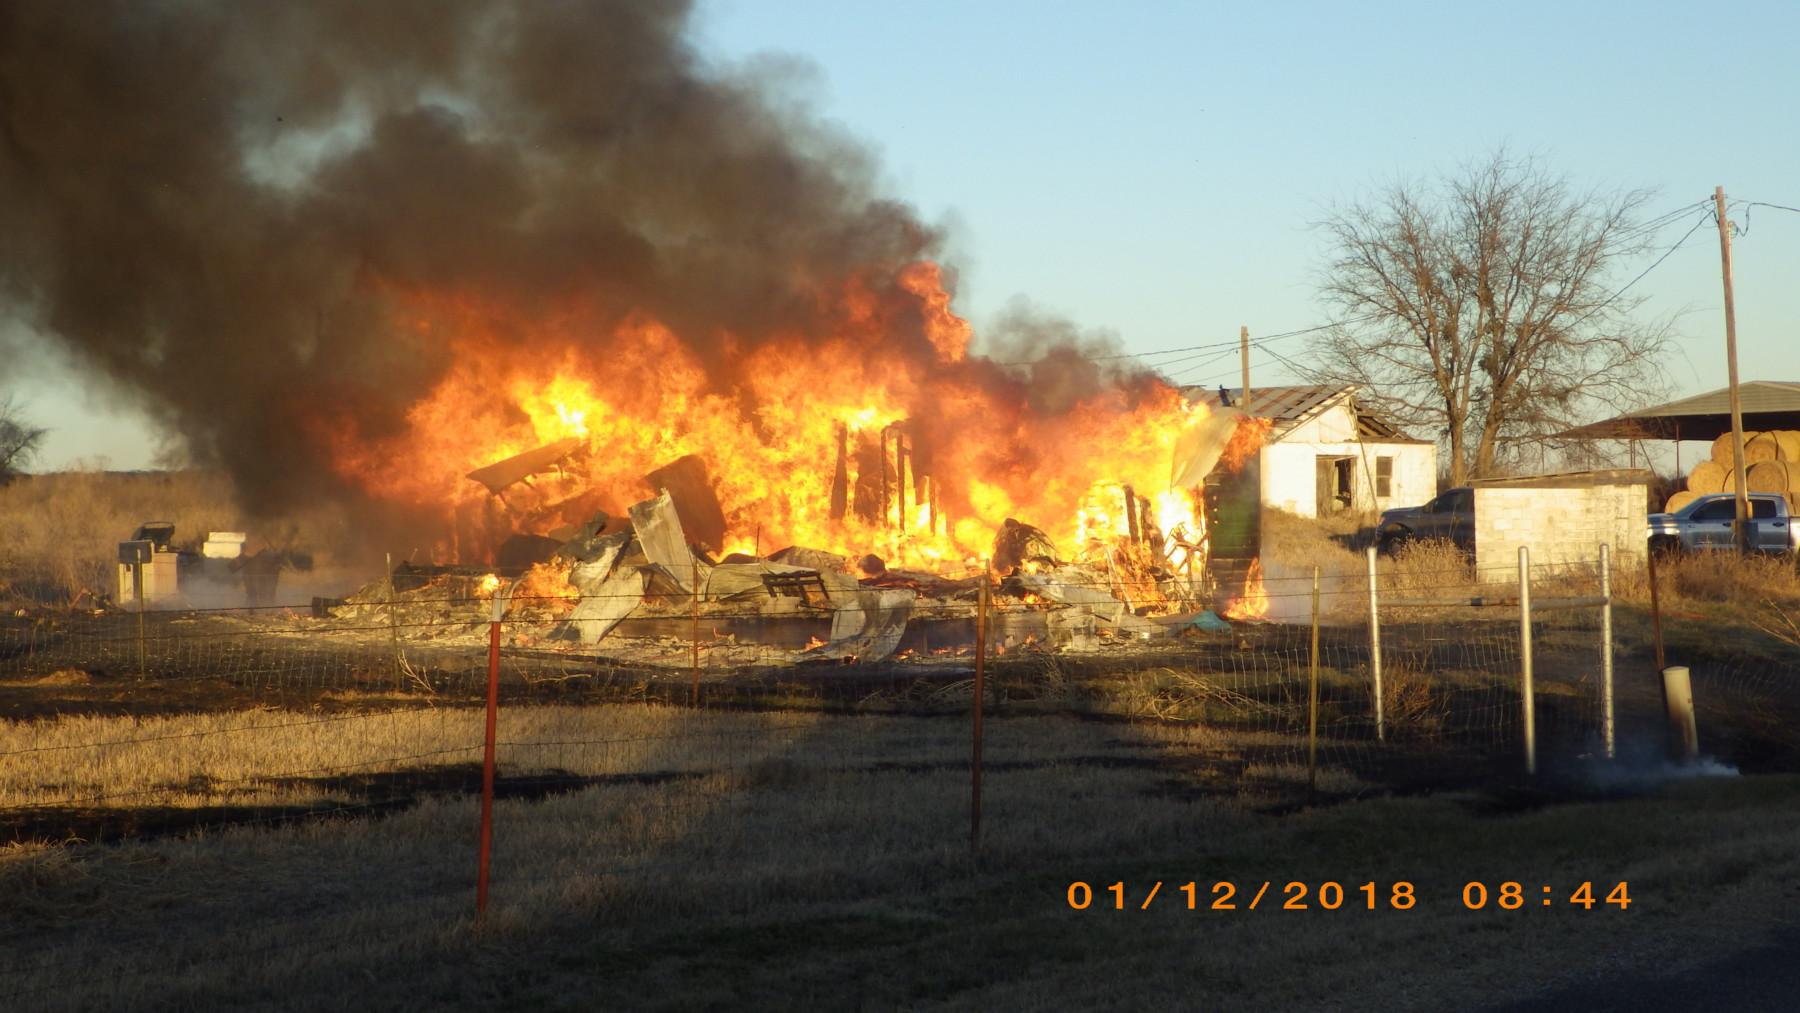 house fire CR 255 1/12/18